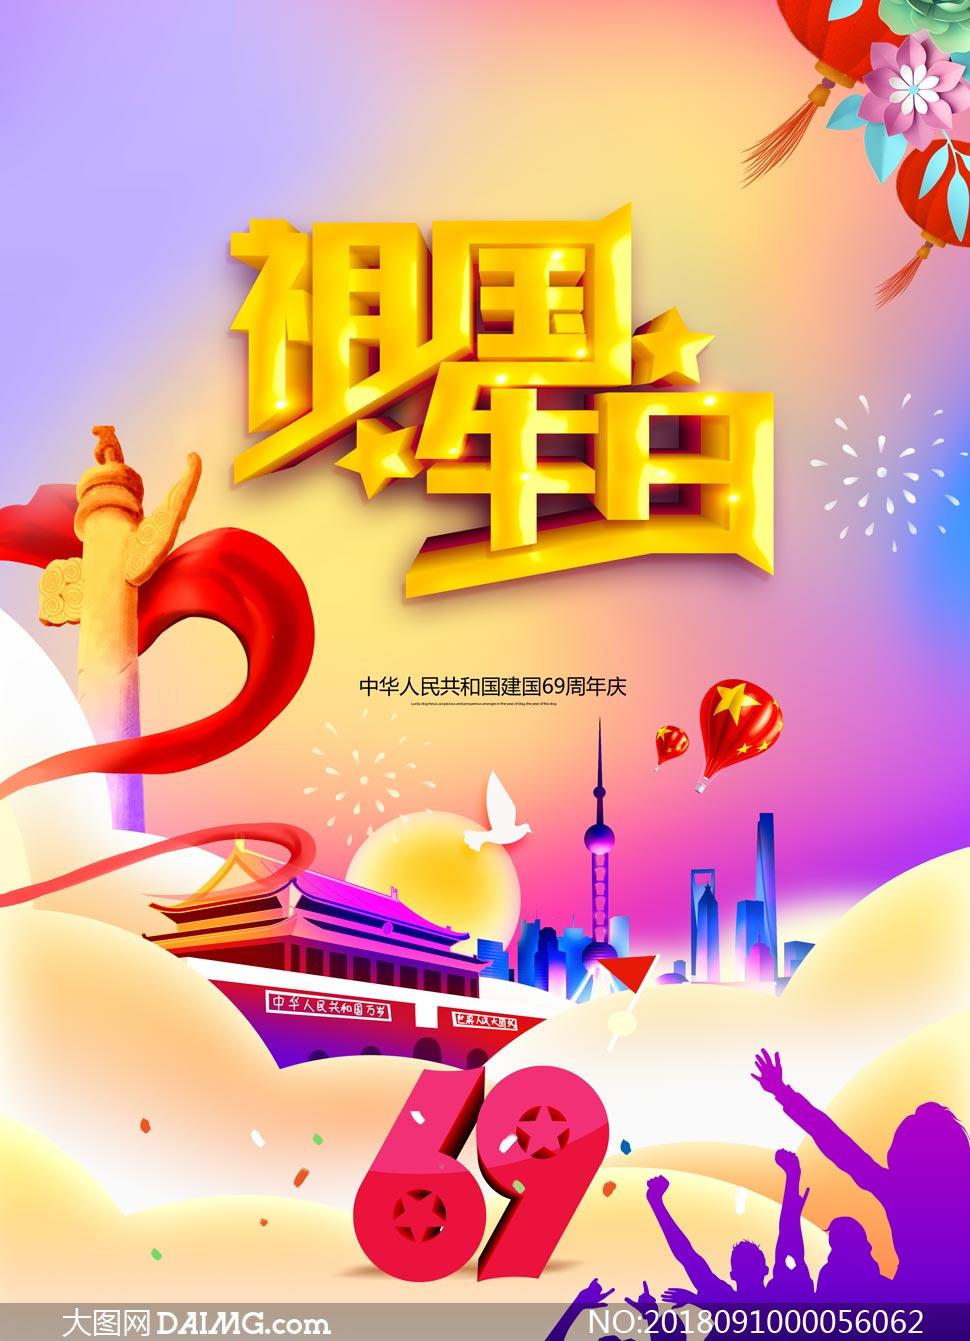 国庆节建国周年庆活动海报psd素材图片